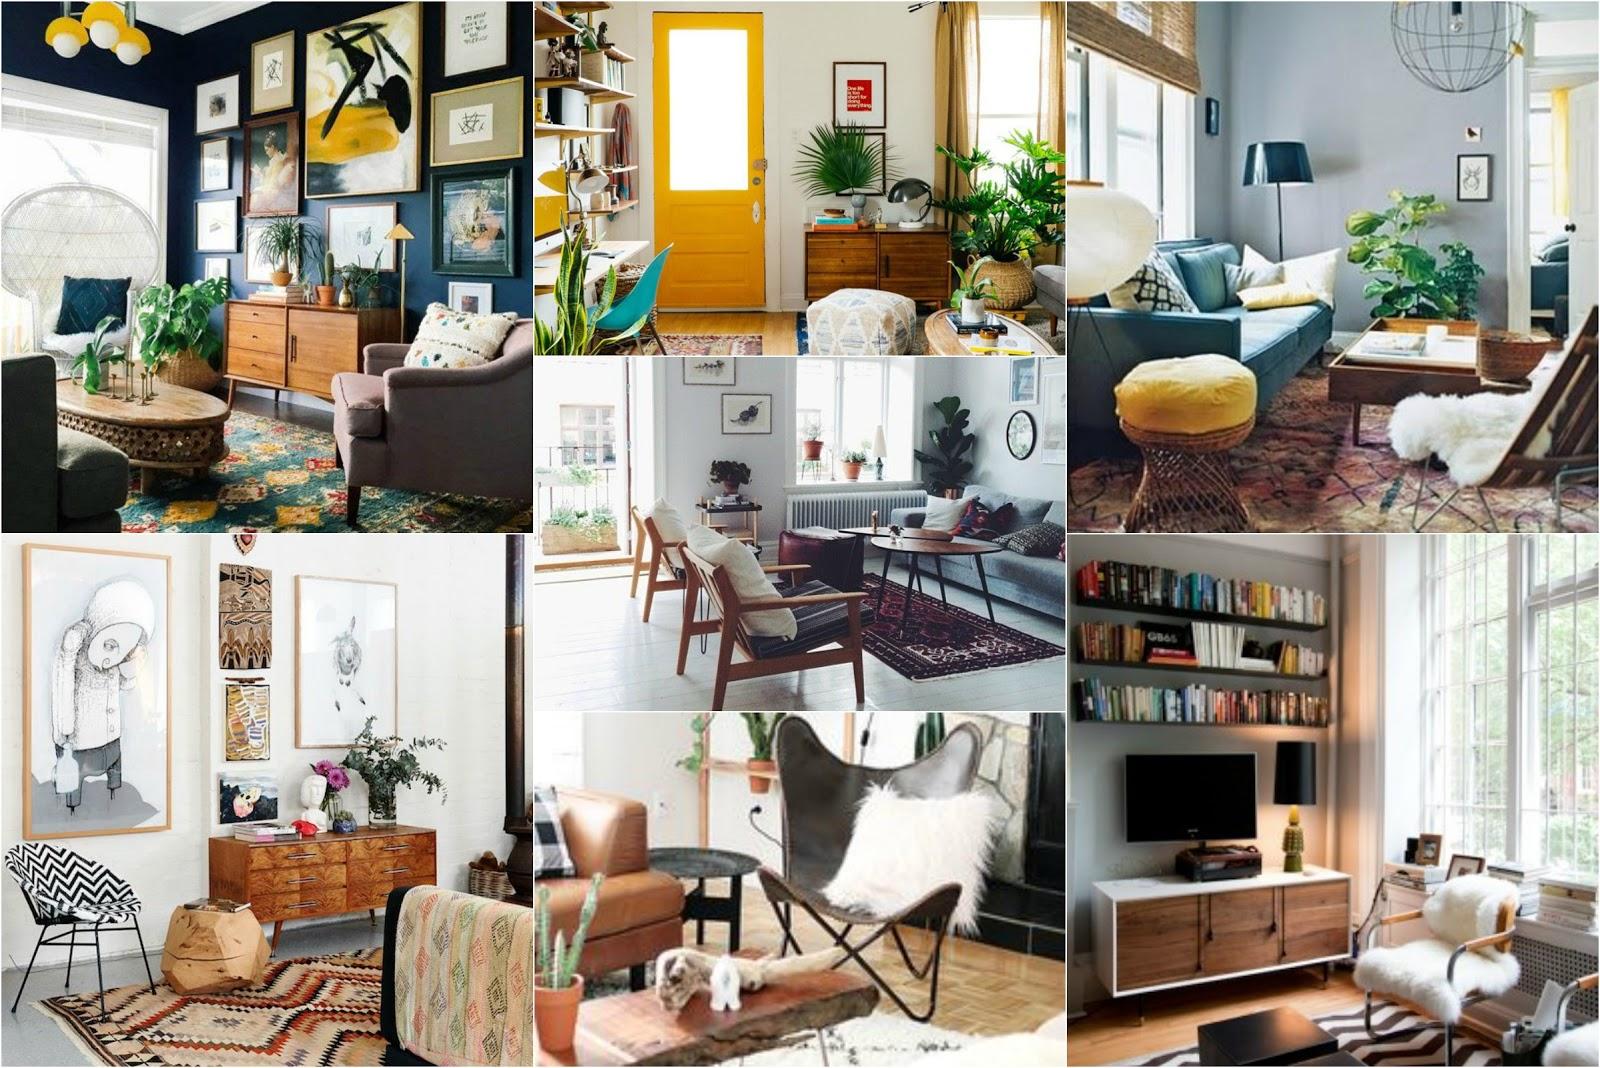 Boho-Chic Interior Ideas